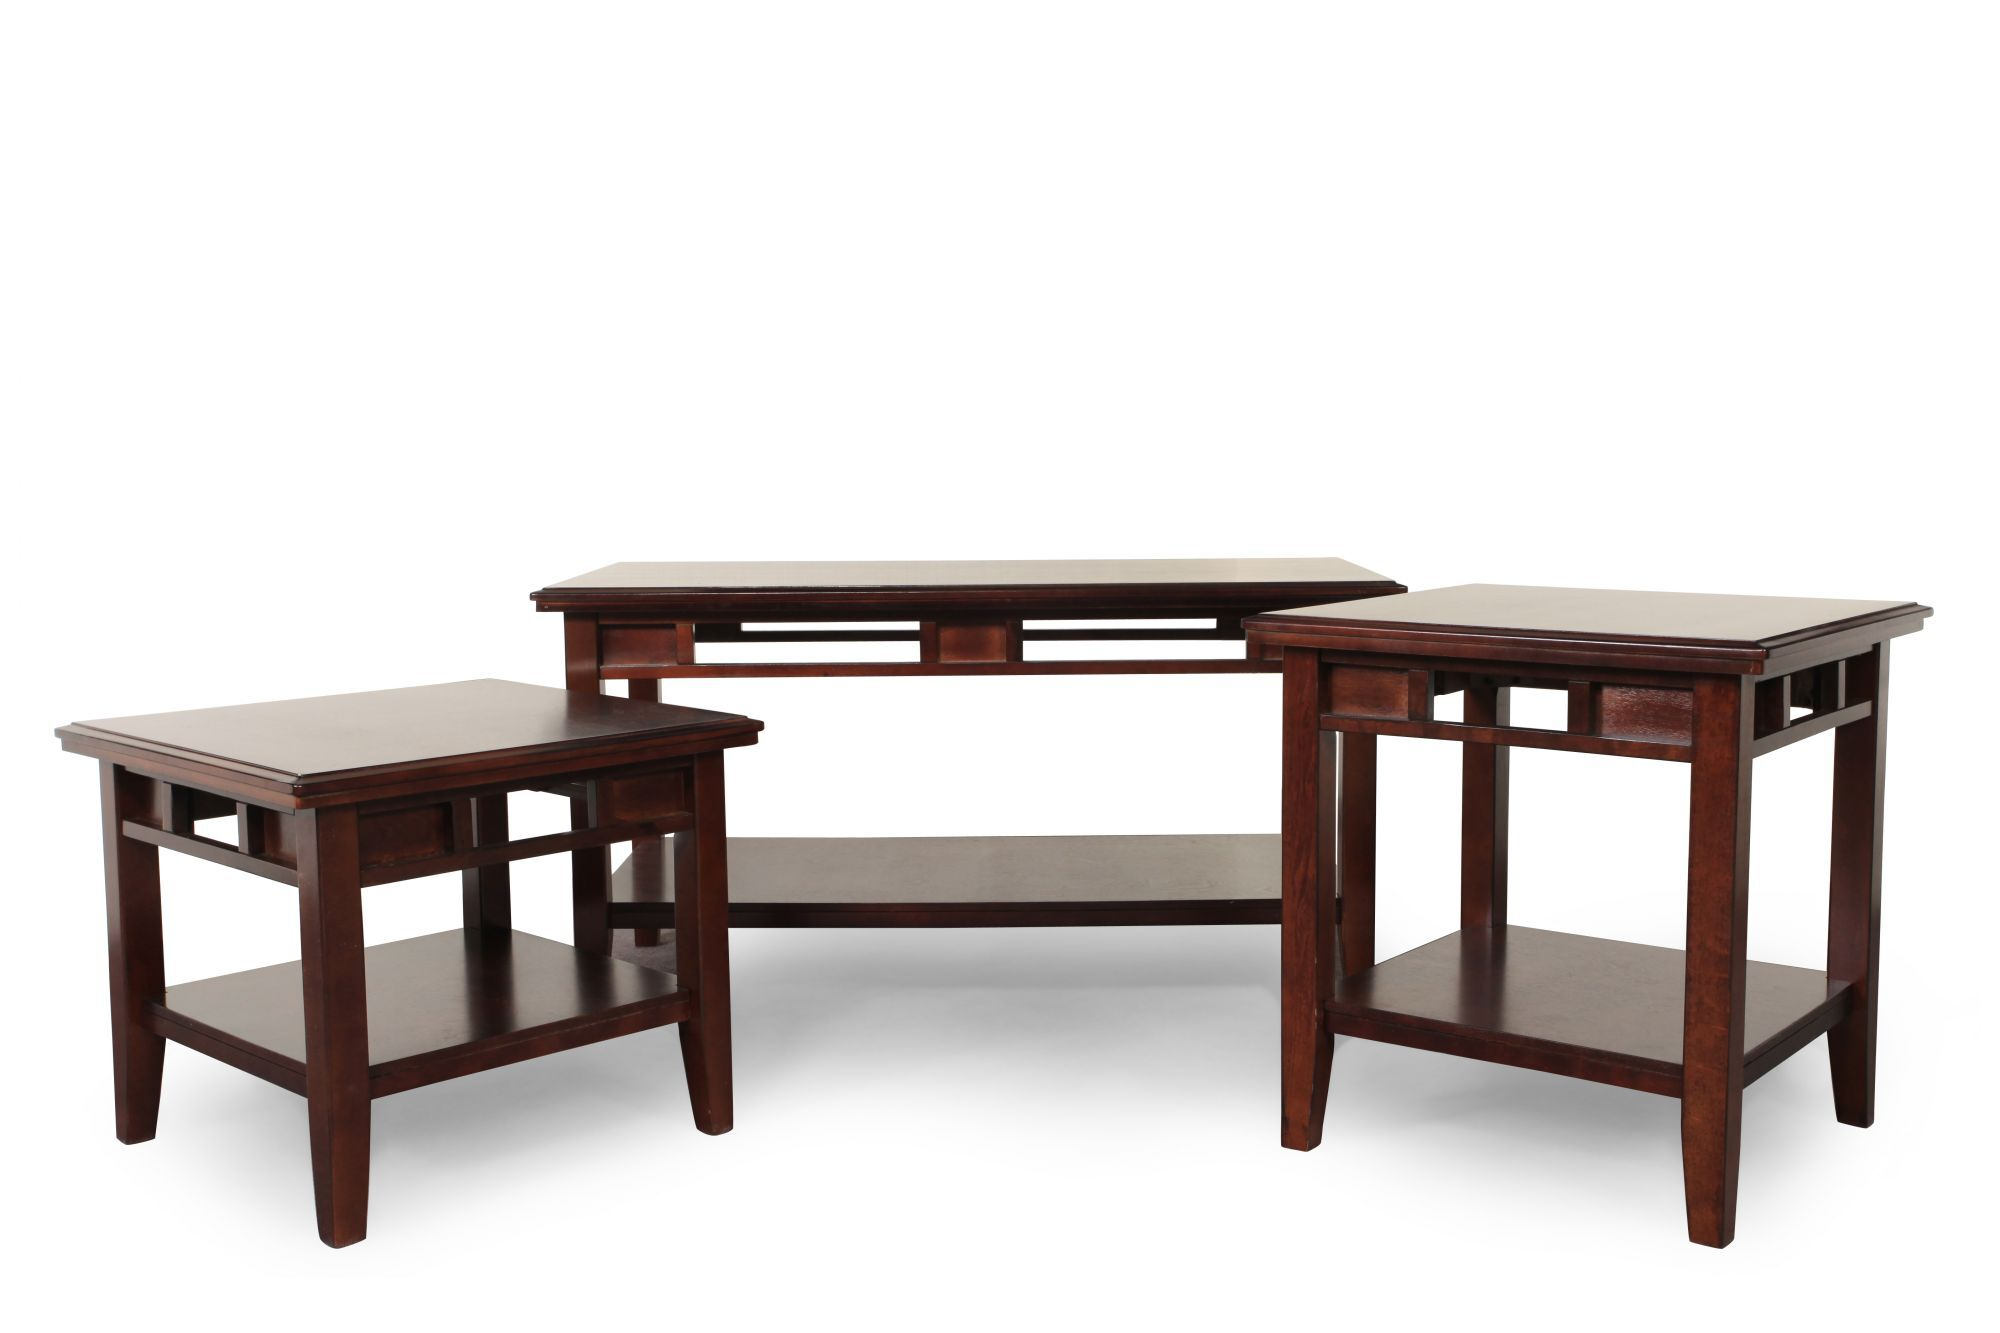 ThreePiece Contemporary Coffee Table Set in Dark Brown